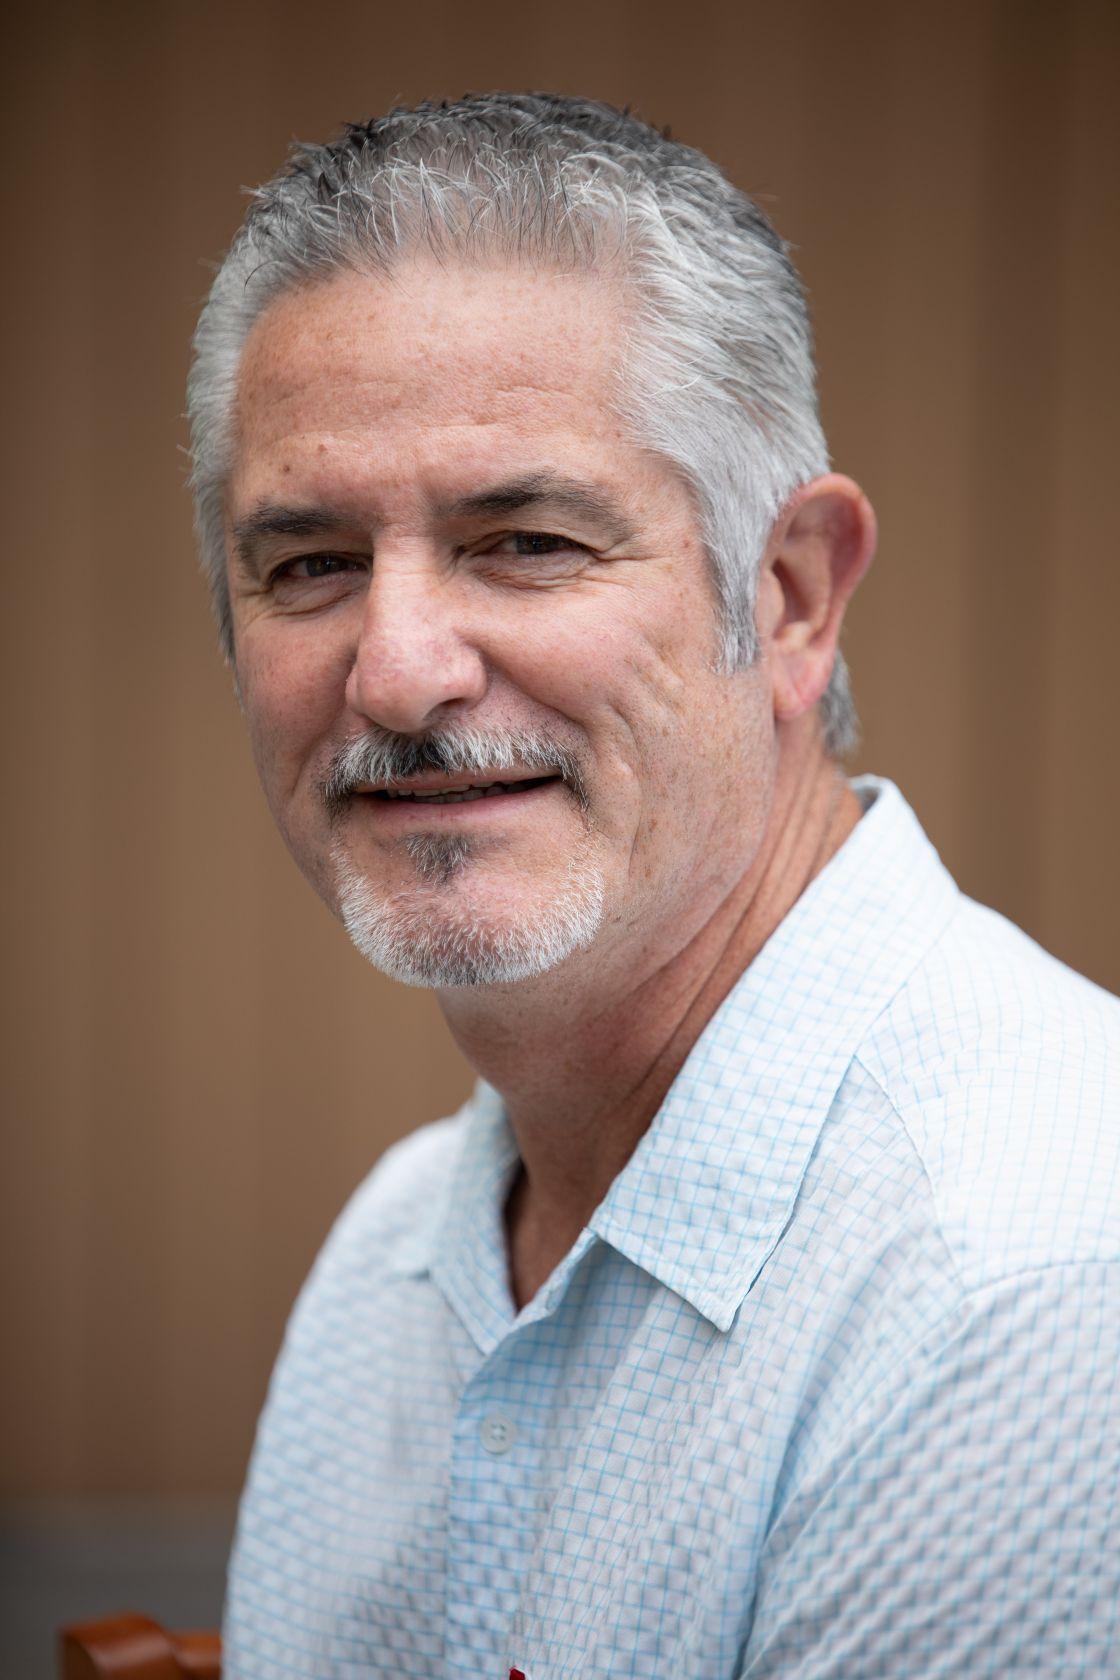 Gary Medeiros